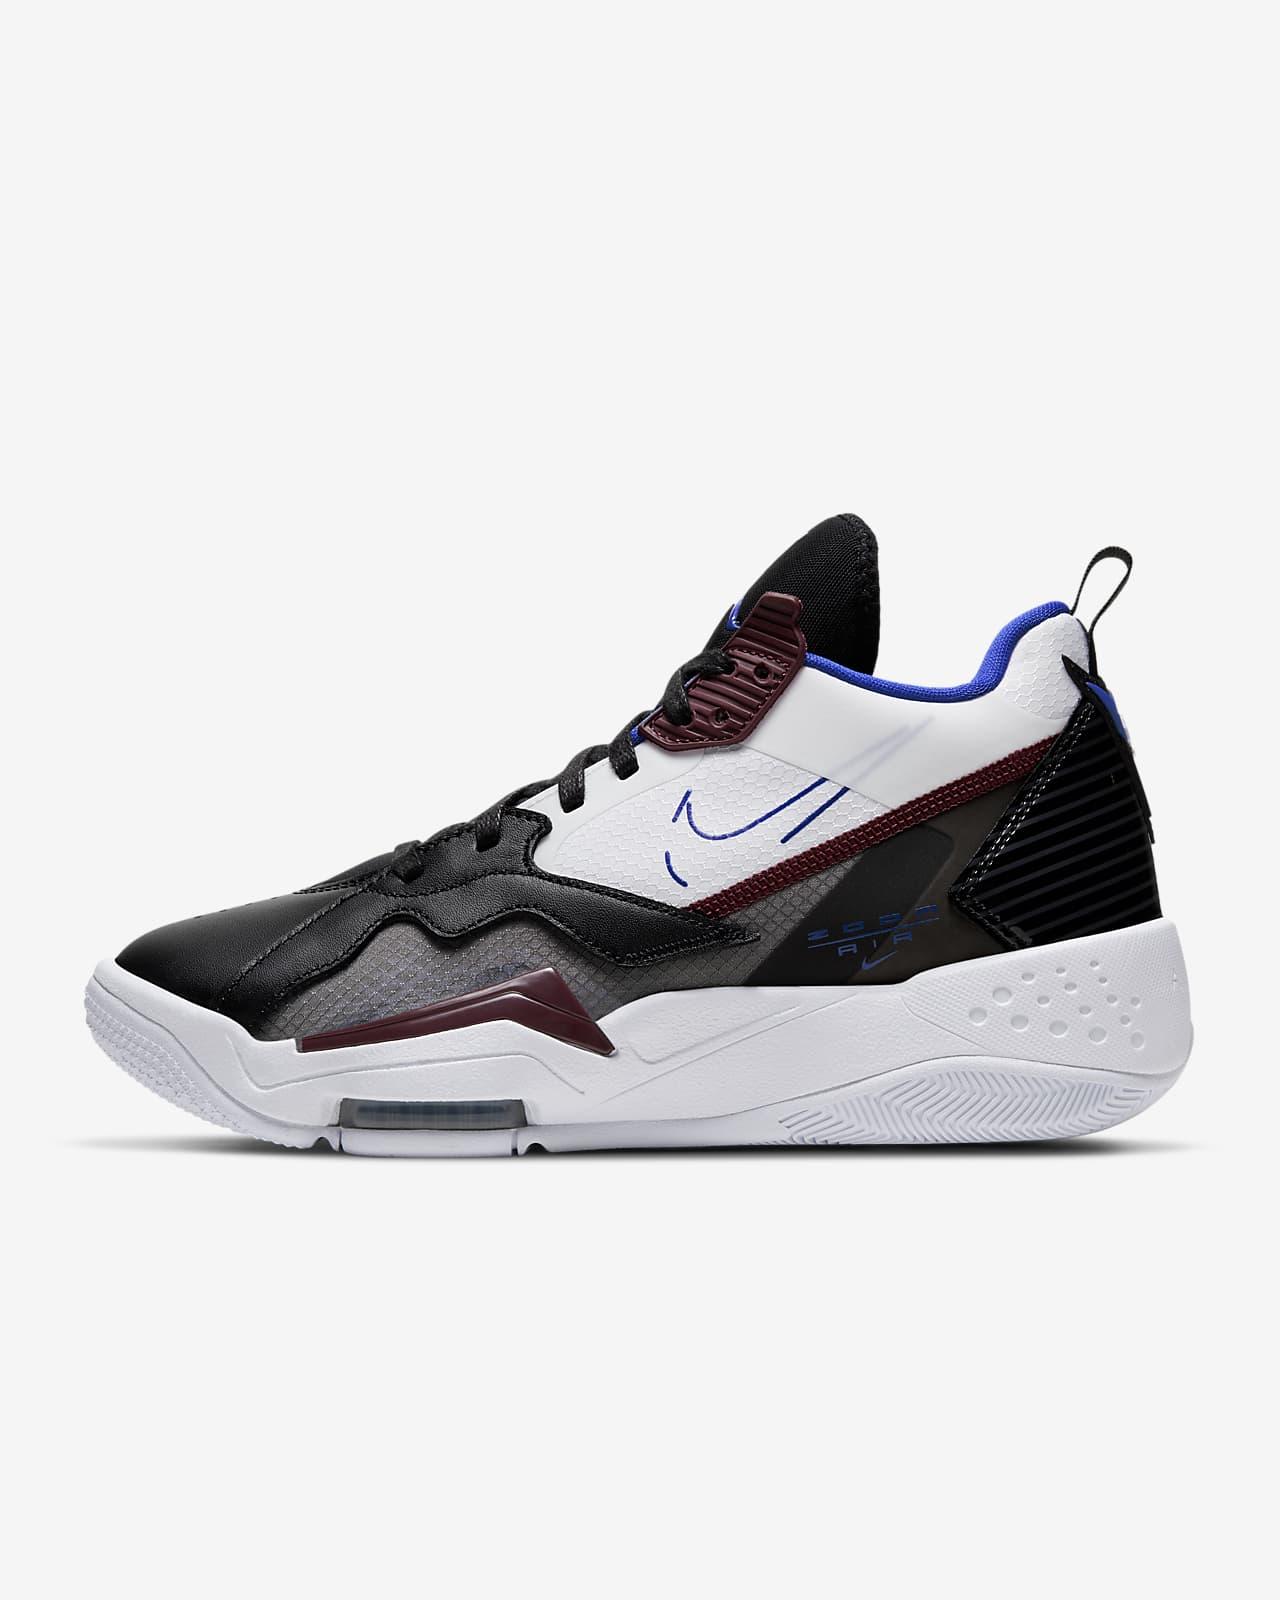 Jordan Zoom ' 92 sko til dame